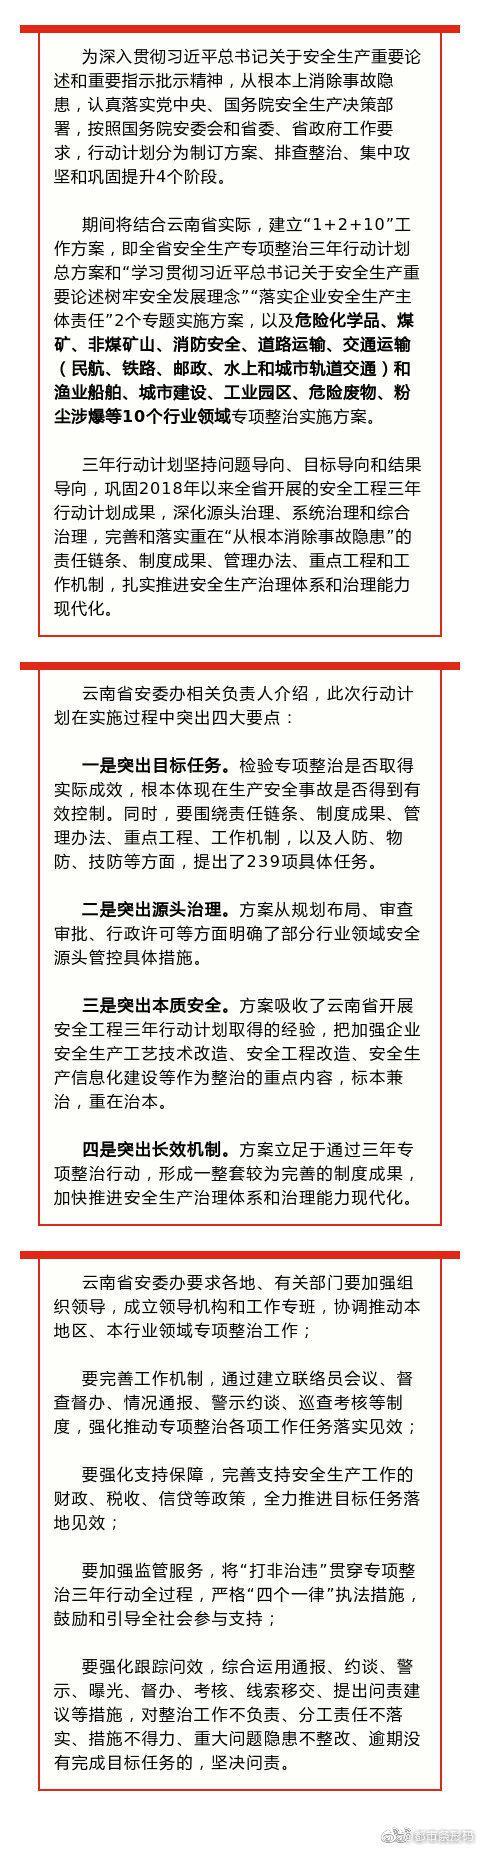 涉及10个行业领域!云南启动安全生产专项整治三年行动计划